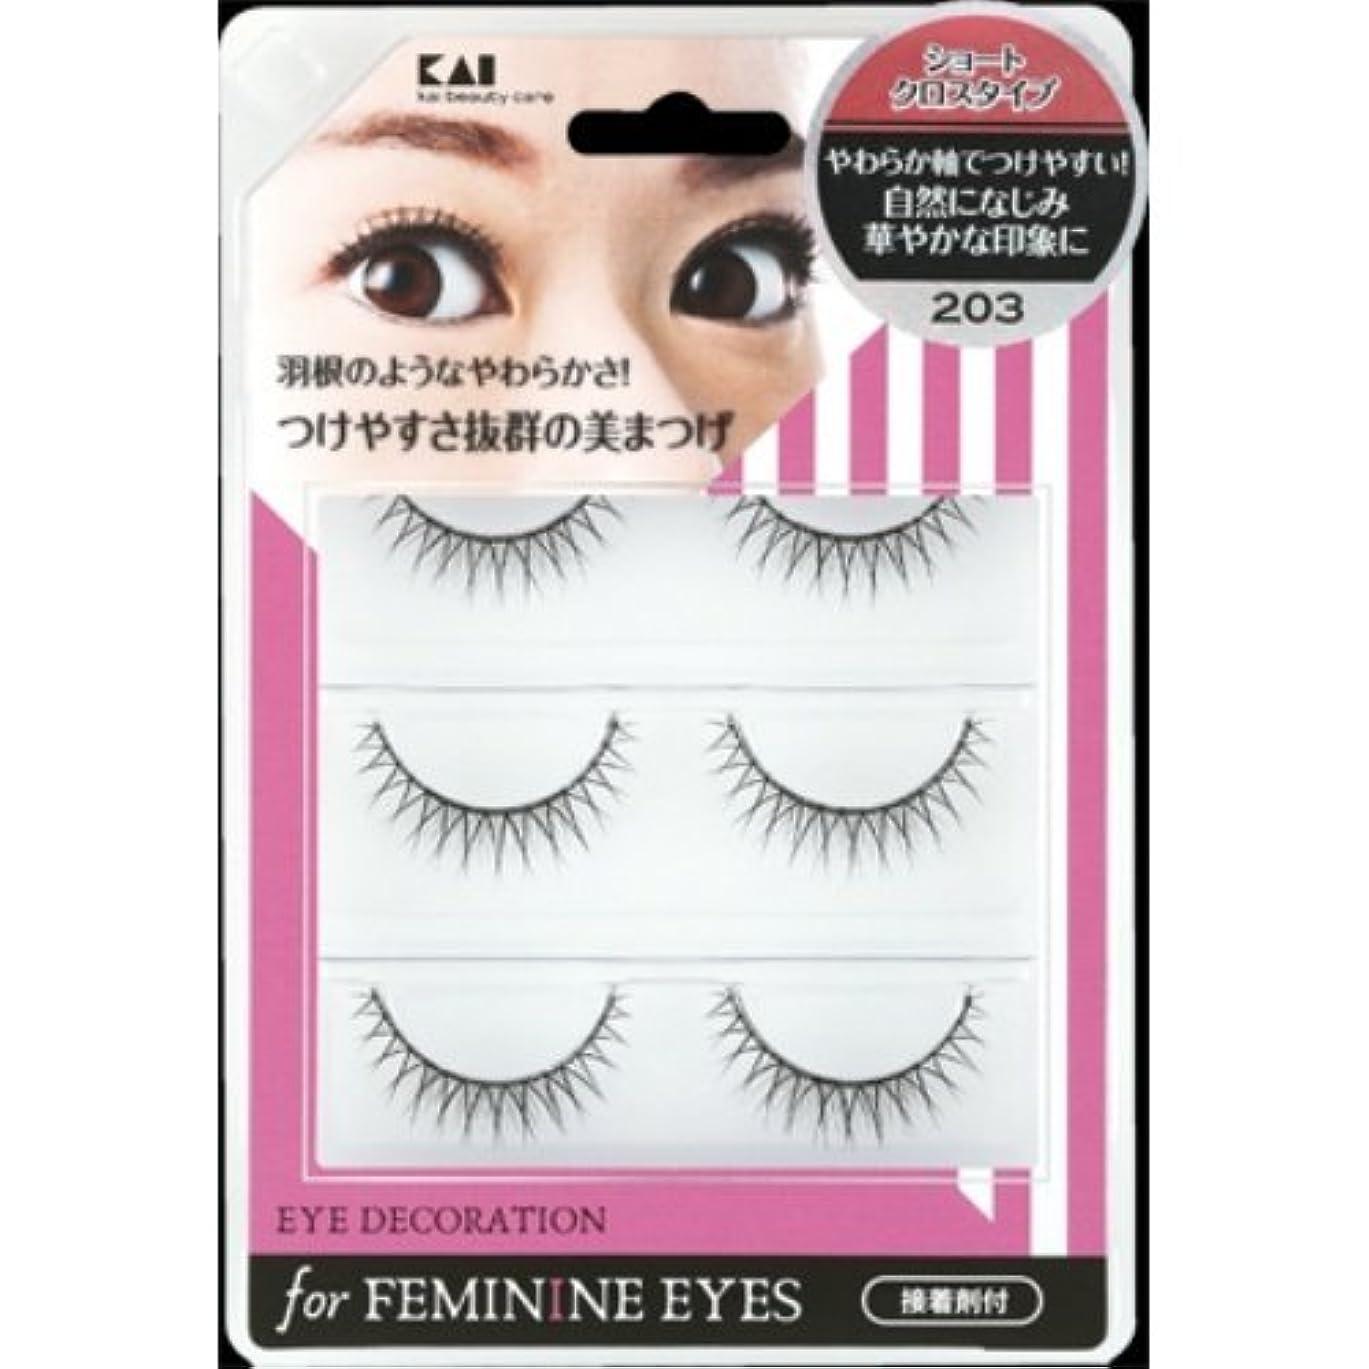 保証めんどり砲撃貝印 アイデコレーション for feminine eyes 203 HC1560